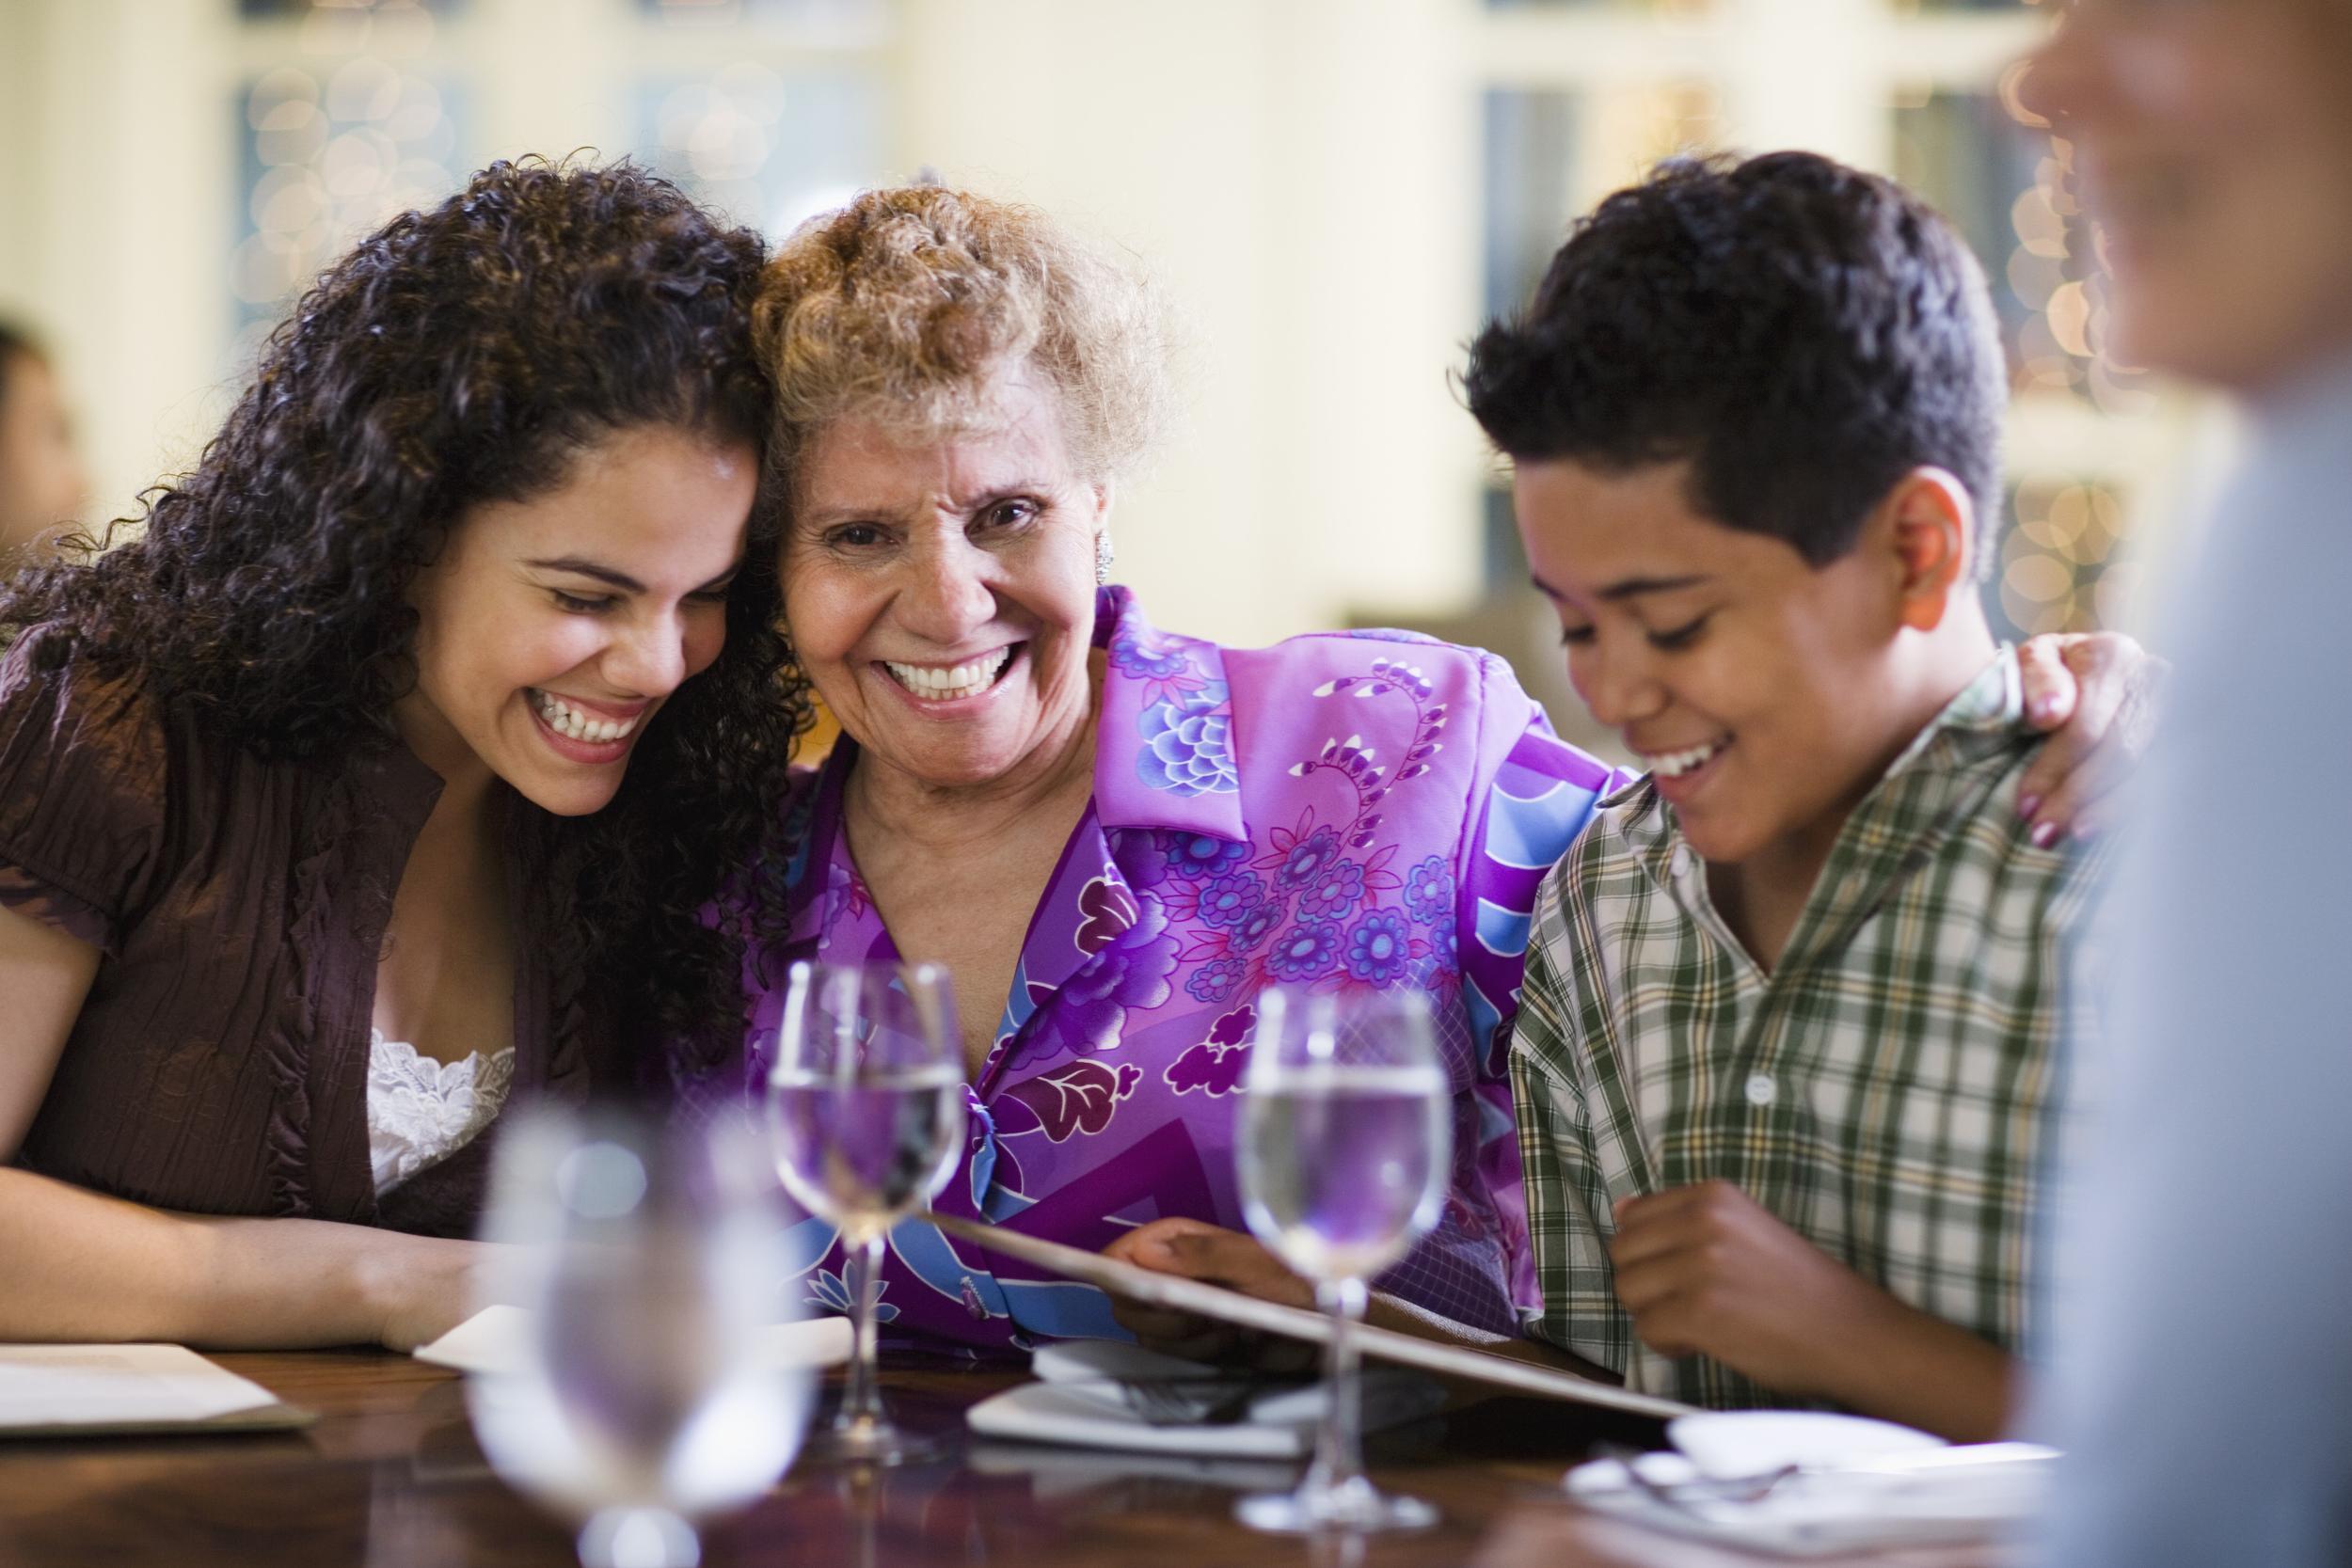 family at brunch.jpg